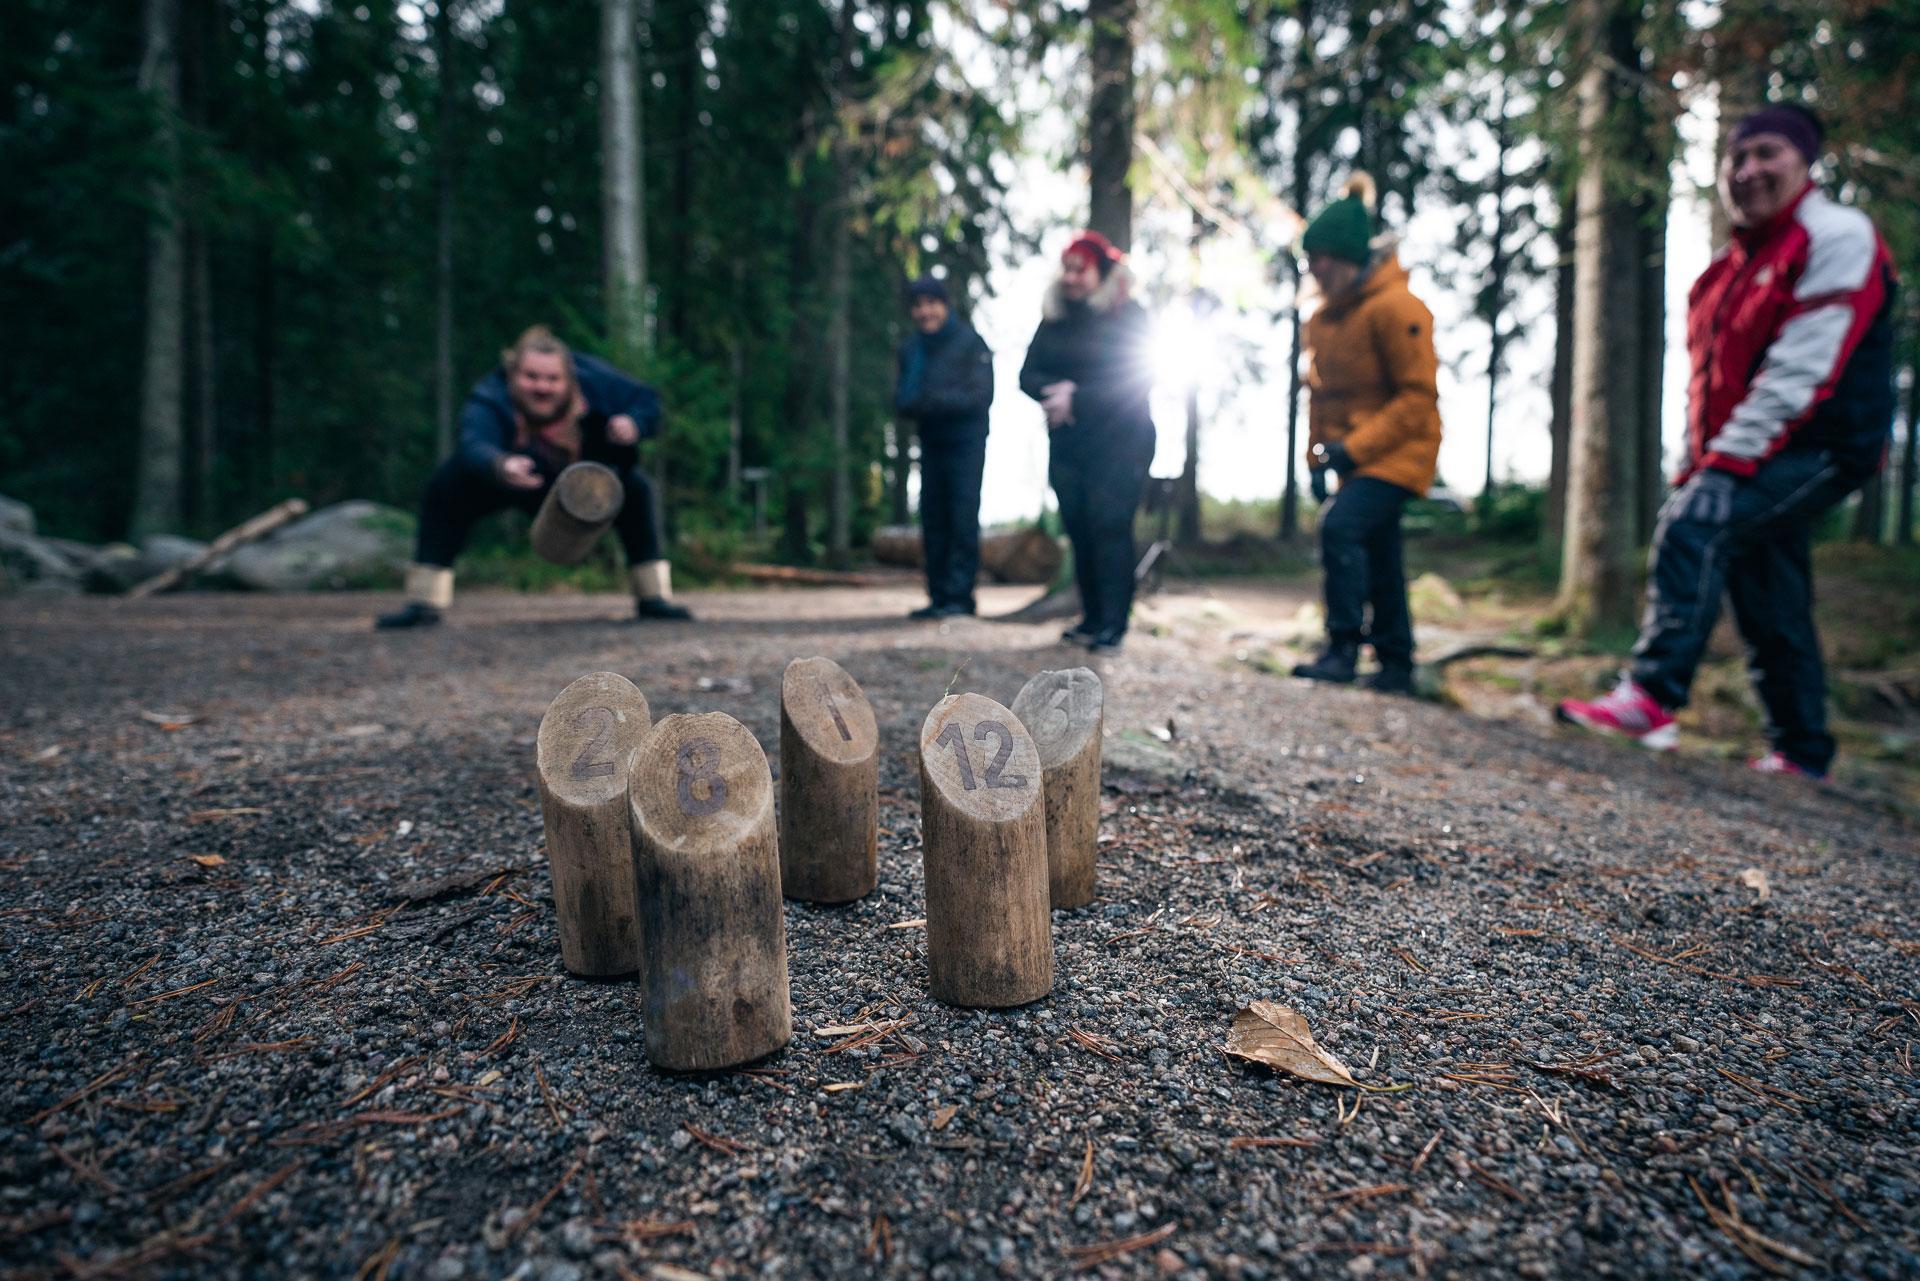 Viisi henkilöä pelaamassa Mölkky-peliä.